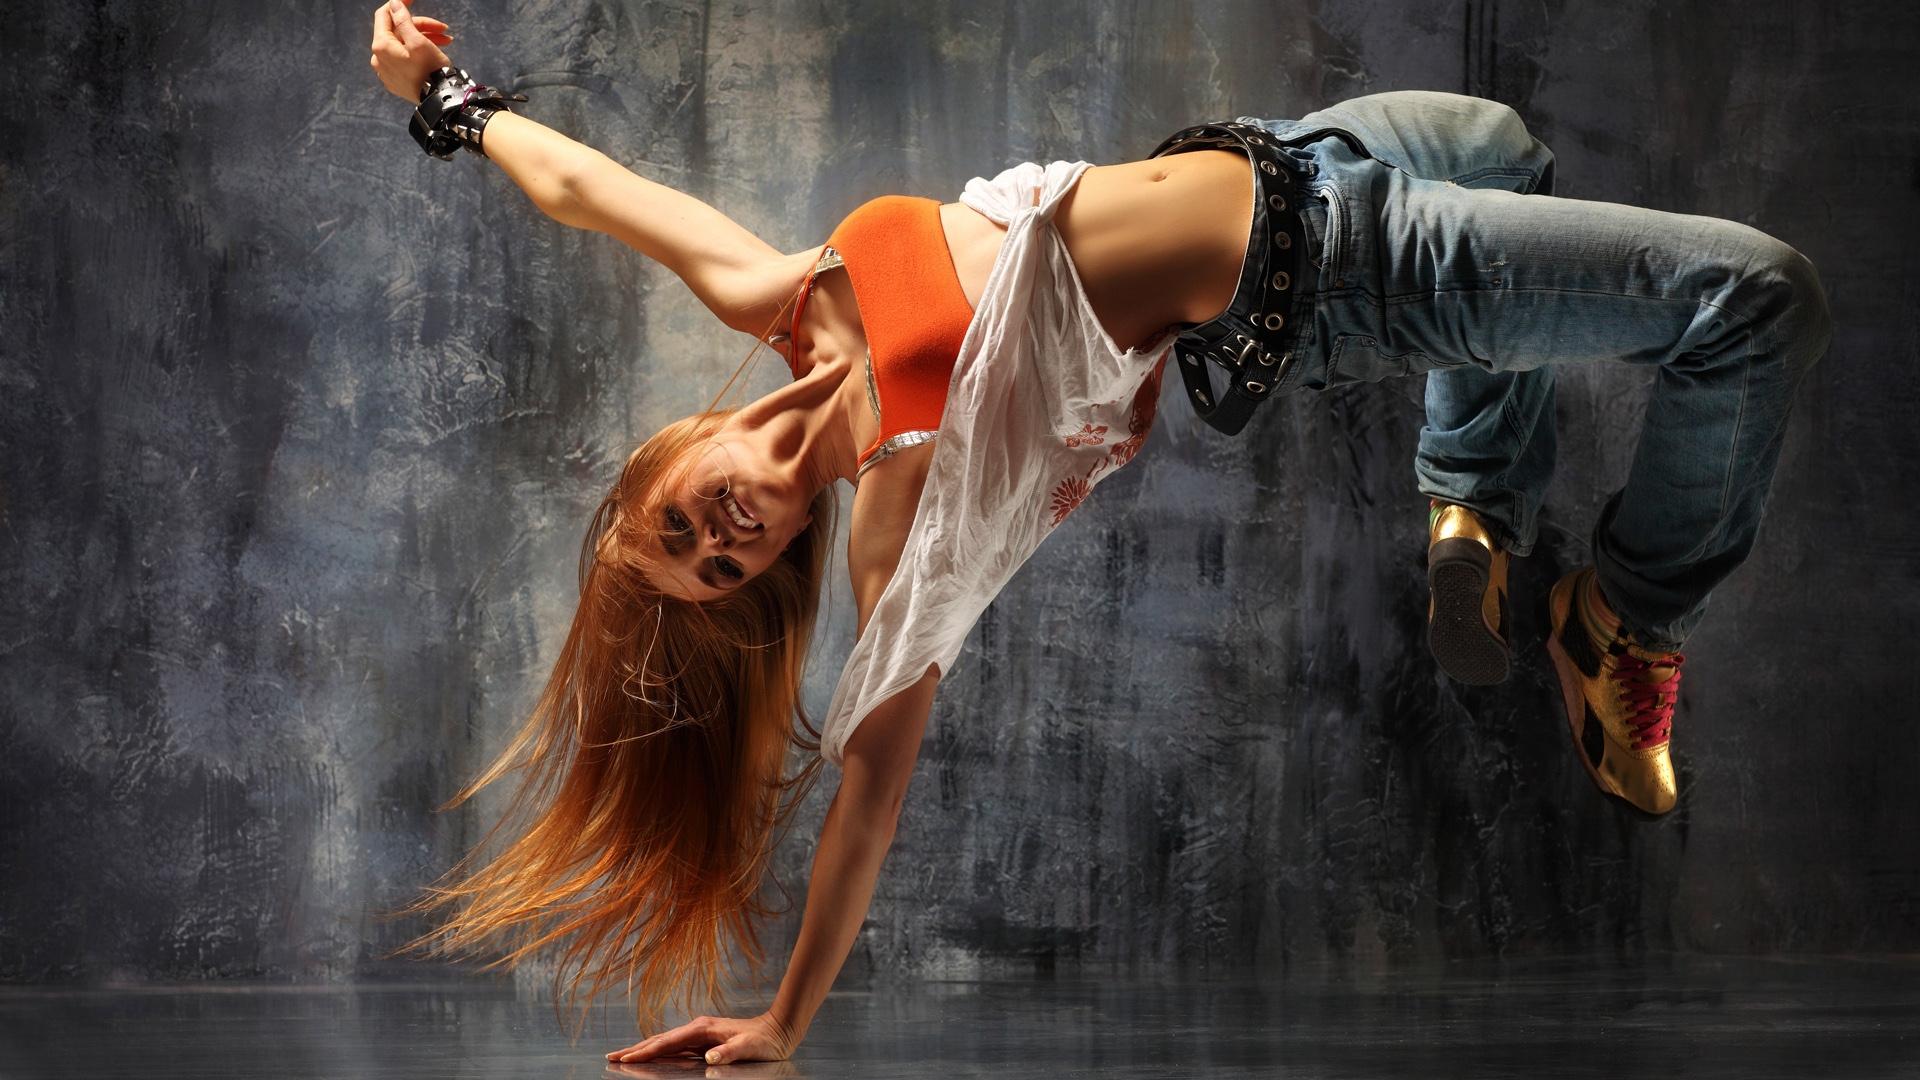 http://2.bp.blogspot.com/-4wX2OBgmFbA/UGdaaHsbYfI/AAAAAAAAK68/MWGPKqQI1Q4/s0/girl-breakdancing-1920x1080-wallpaper.jpg